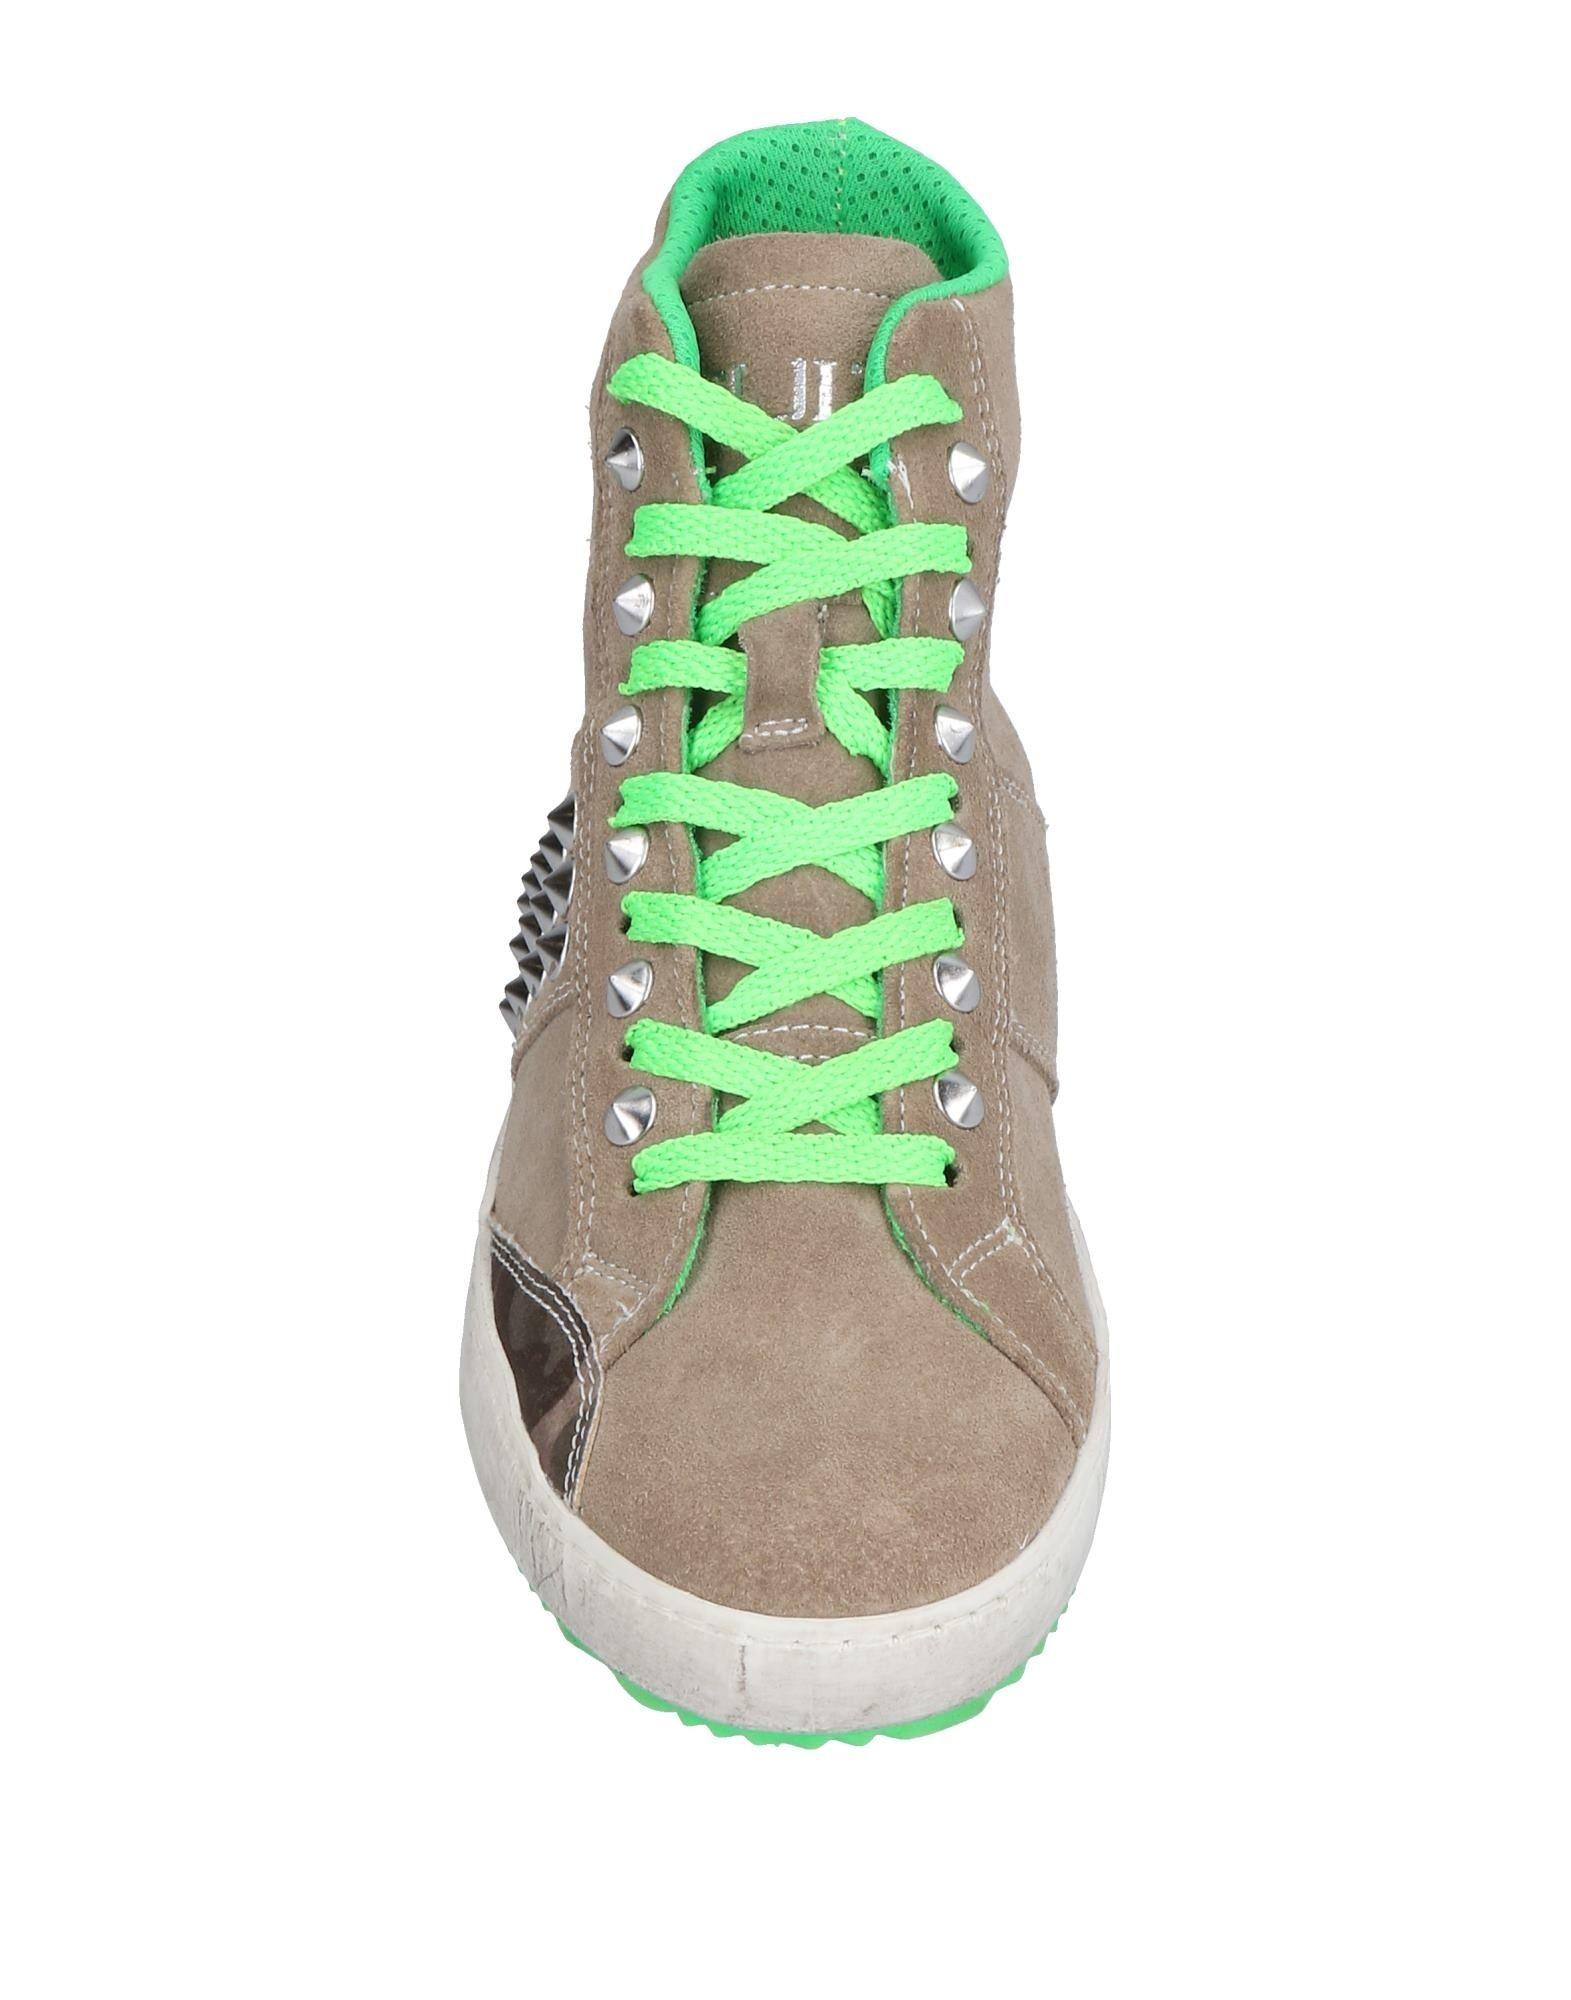 Cult Gute Sneakers Damen  11510927IK Gute Cult Qualität beliebte Schuhe 90c87c